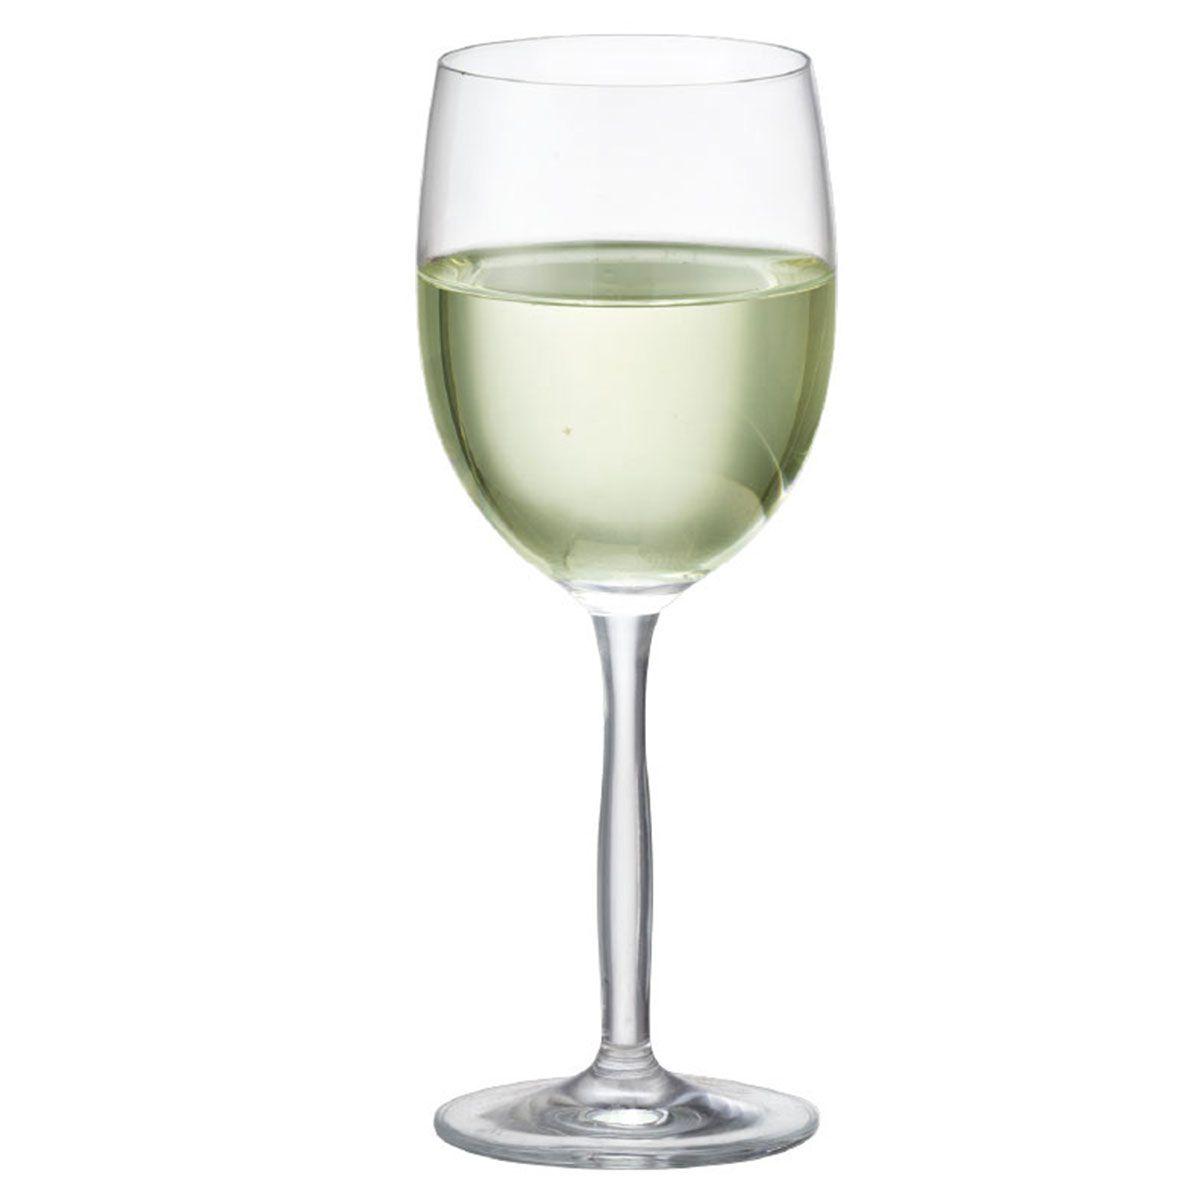 Taça de Vinho Branco Ritz de Cristal